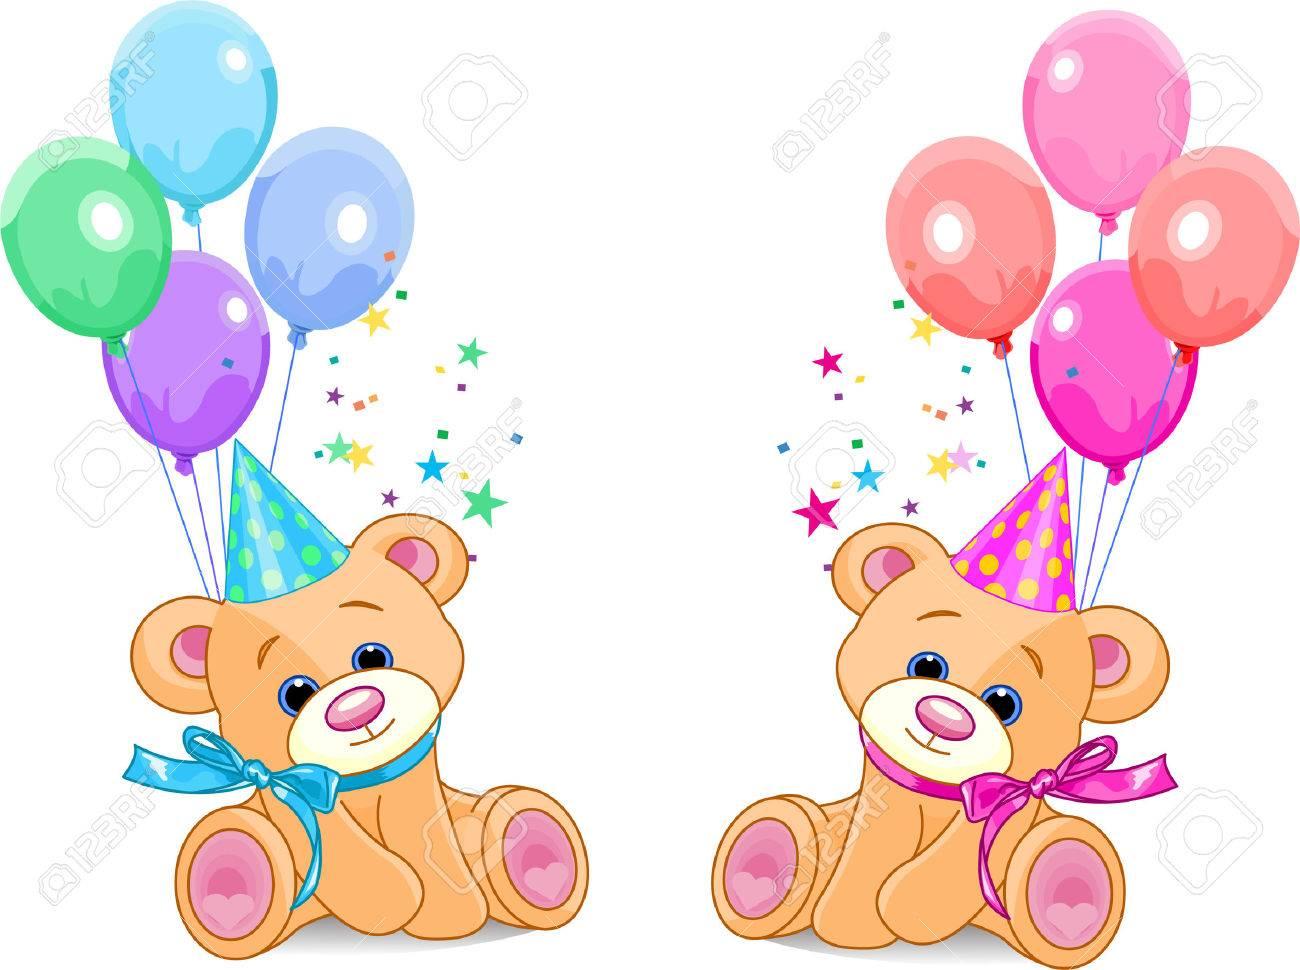 Поздравления с днем рождения близнецам (двойняшкам) 6